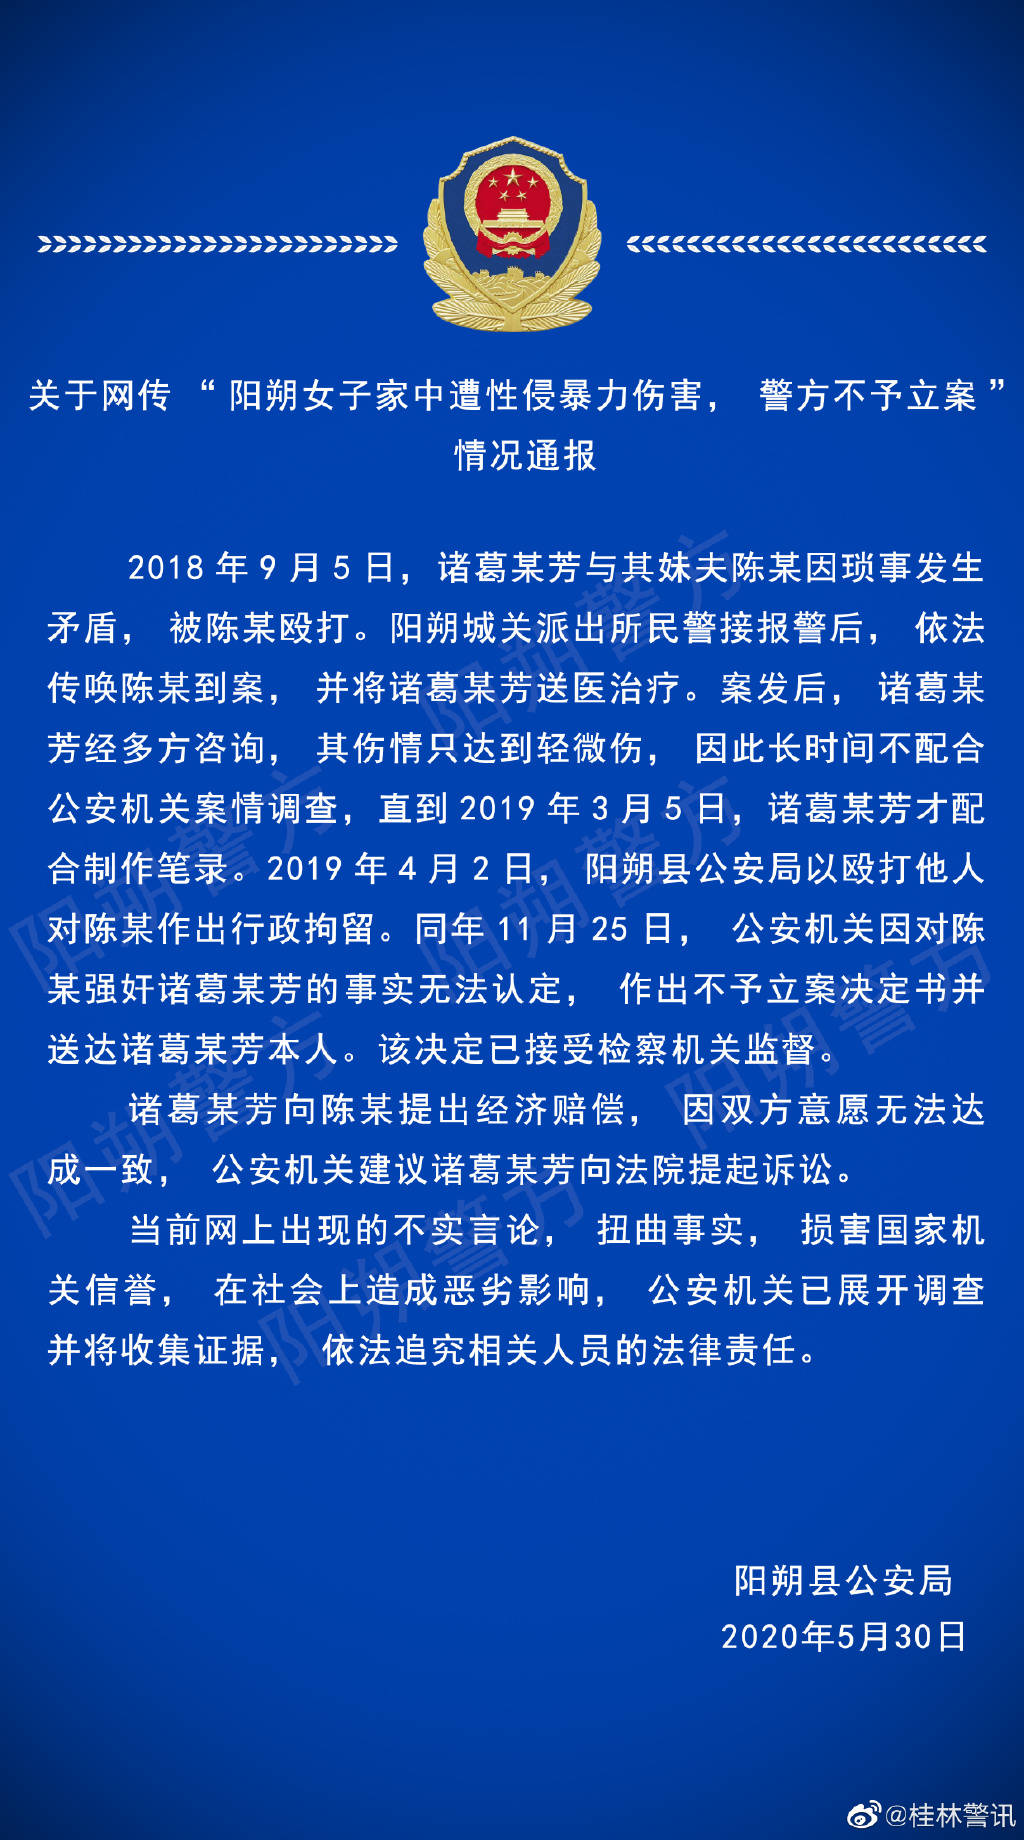 """桂林警方回应""""女子遭性侵不予立案"""":事实无法认定"""